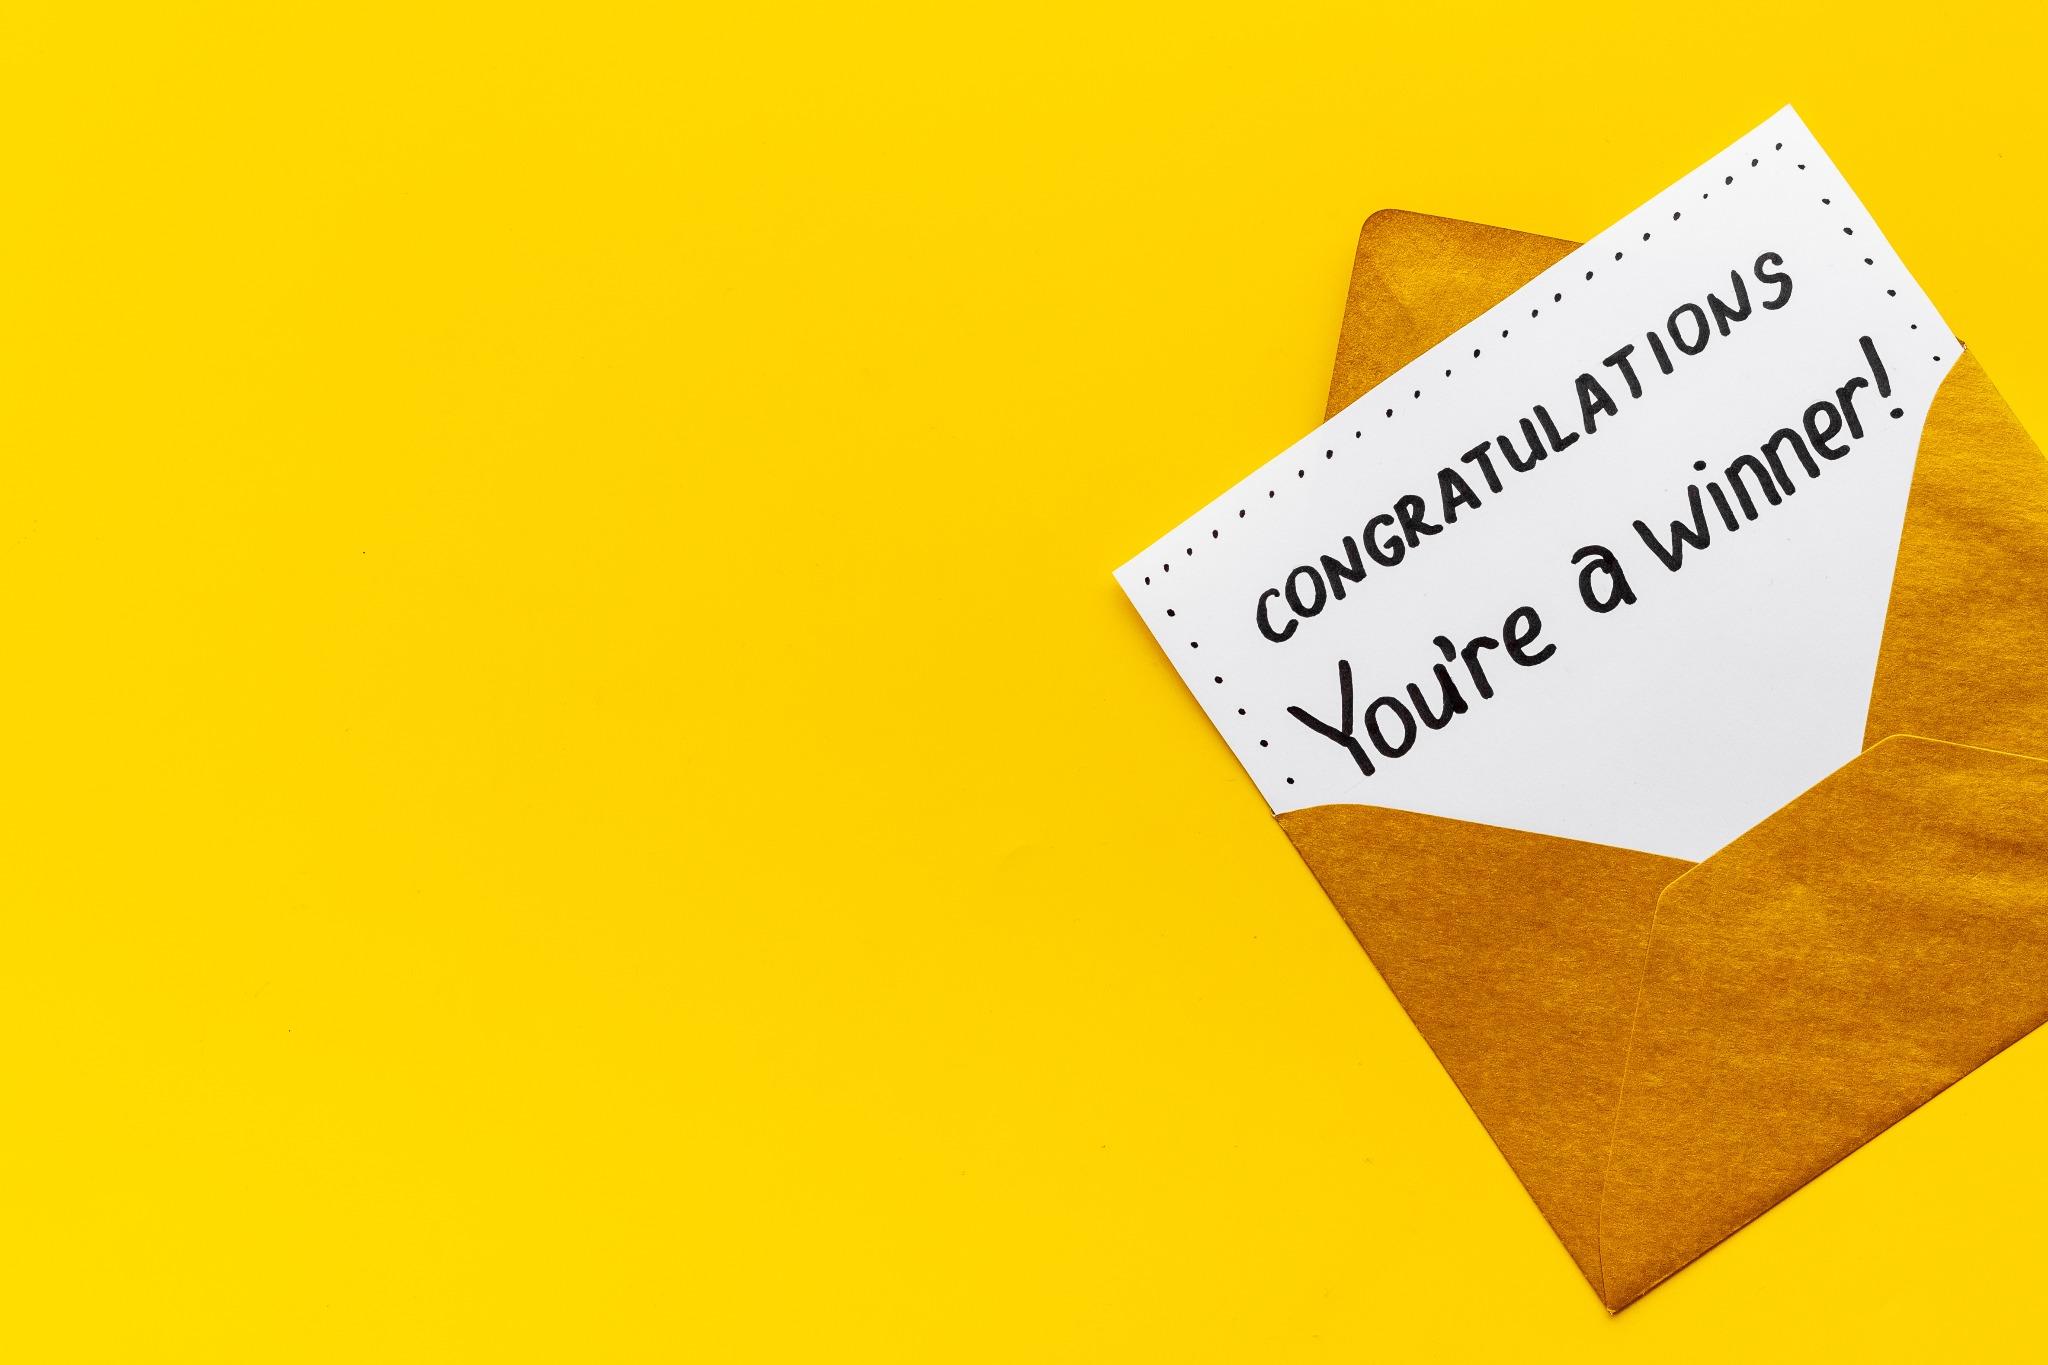 """A card that says congratulations, symbolizing the Welsh word """"Llongyfarchiadau""""!"""